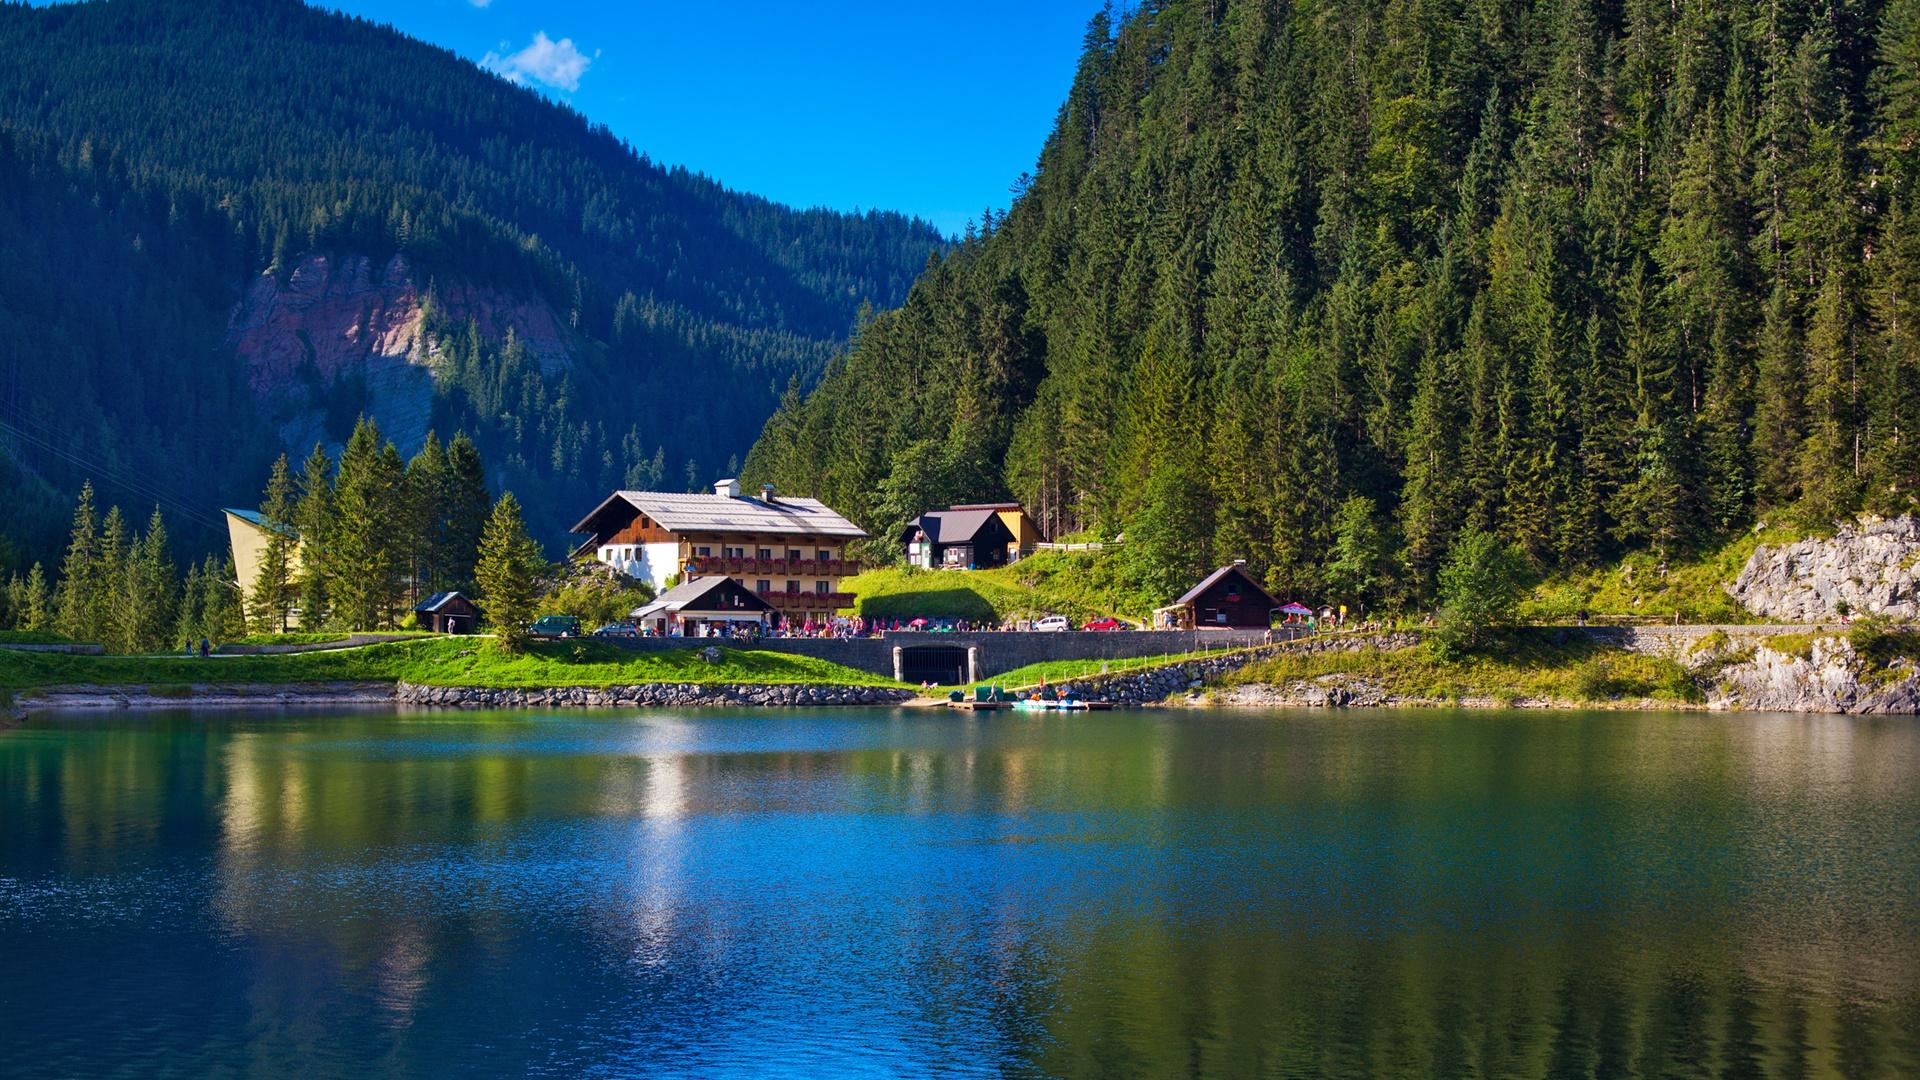 Haus am see wallpaper  Alpen, Berge, Bäume, See, Haus, Natur Grün Hintergrundbilder ...